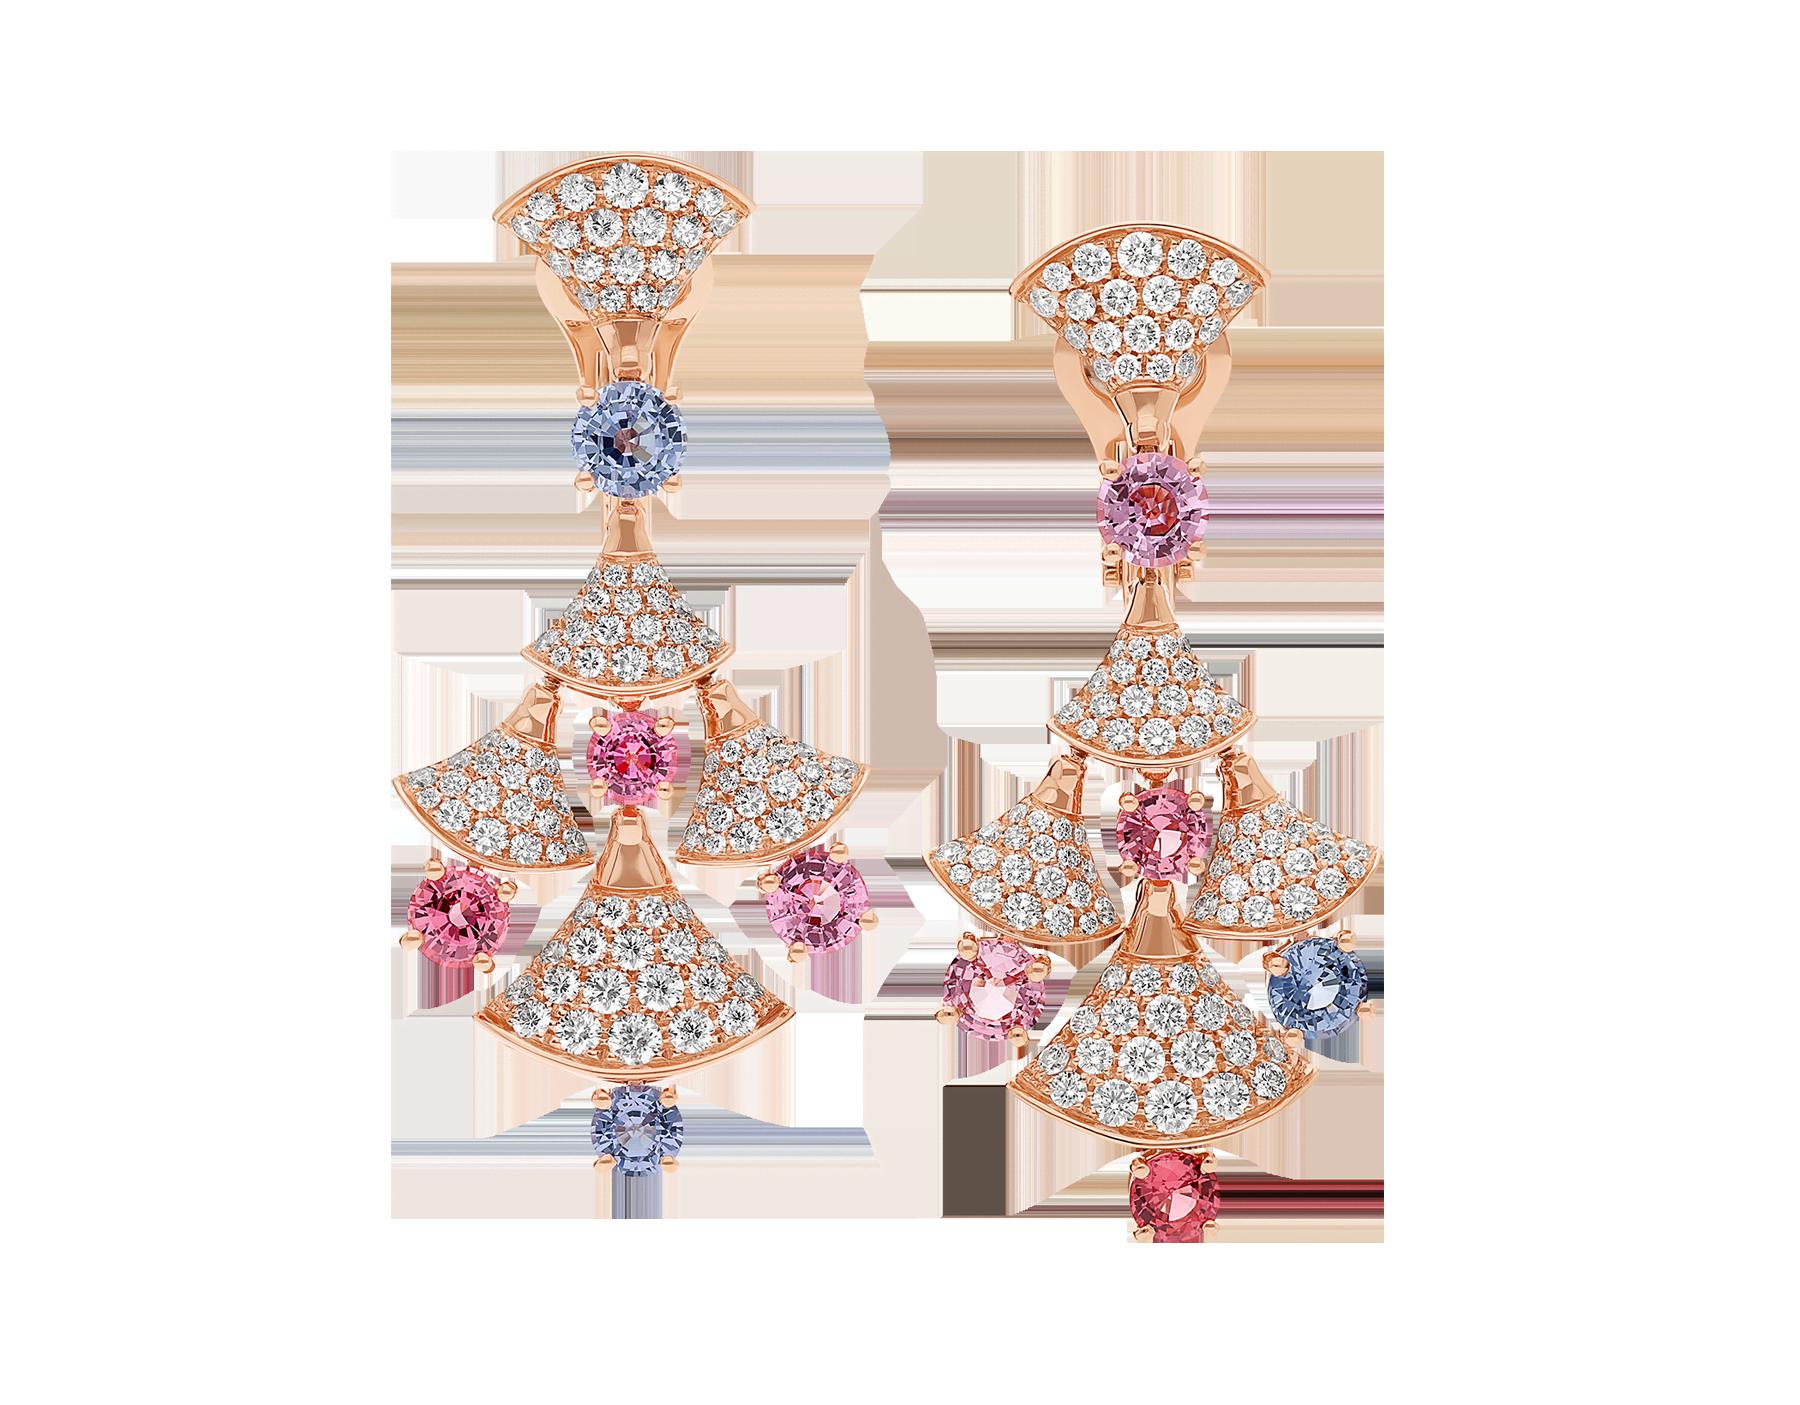 Серьги DIVAS' DREAM, розовое золото 18карат, шпинели классической огранки (3,81 карата), бриллиантовое паве (2,22 карата). 357943 image 1